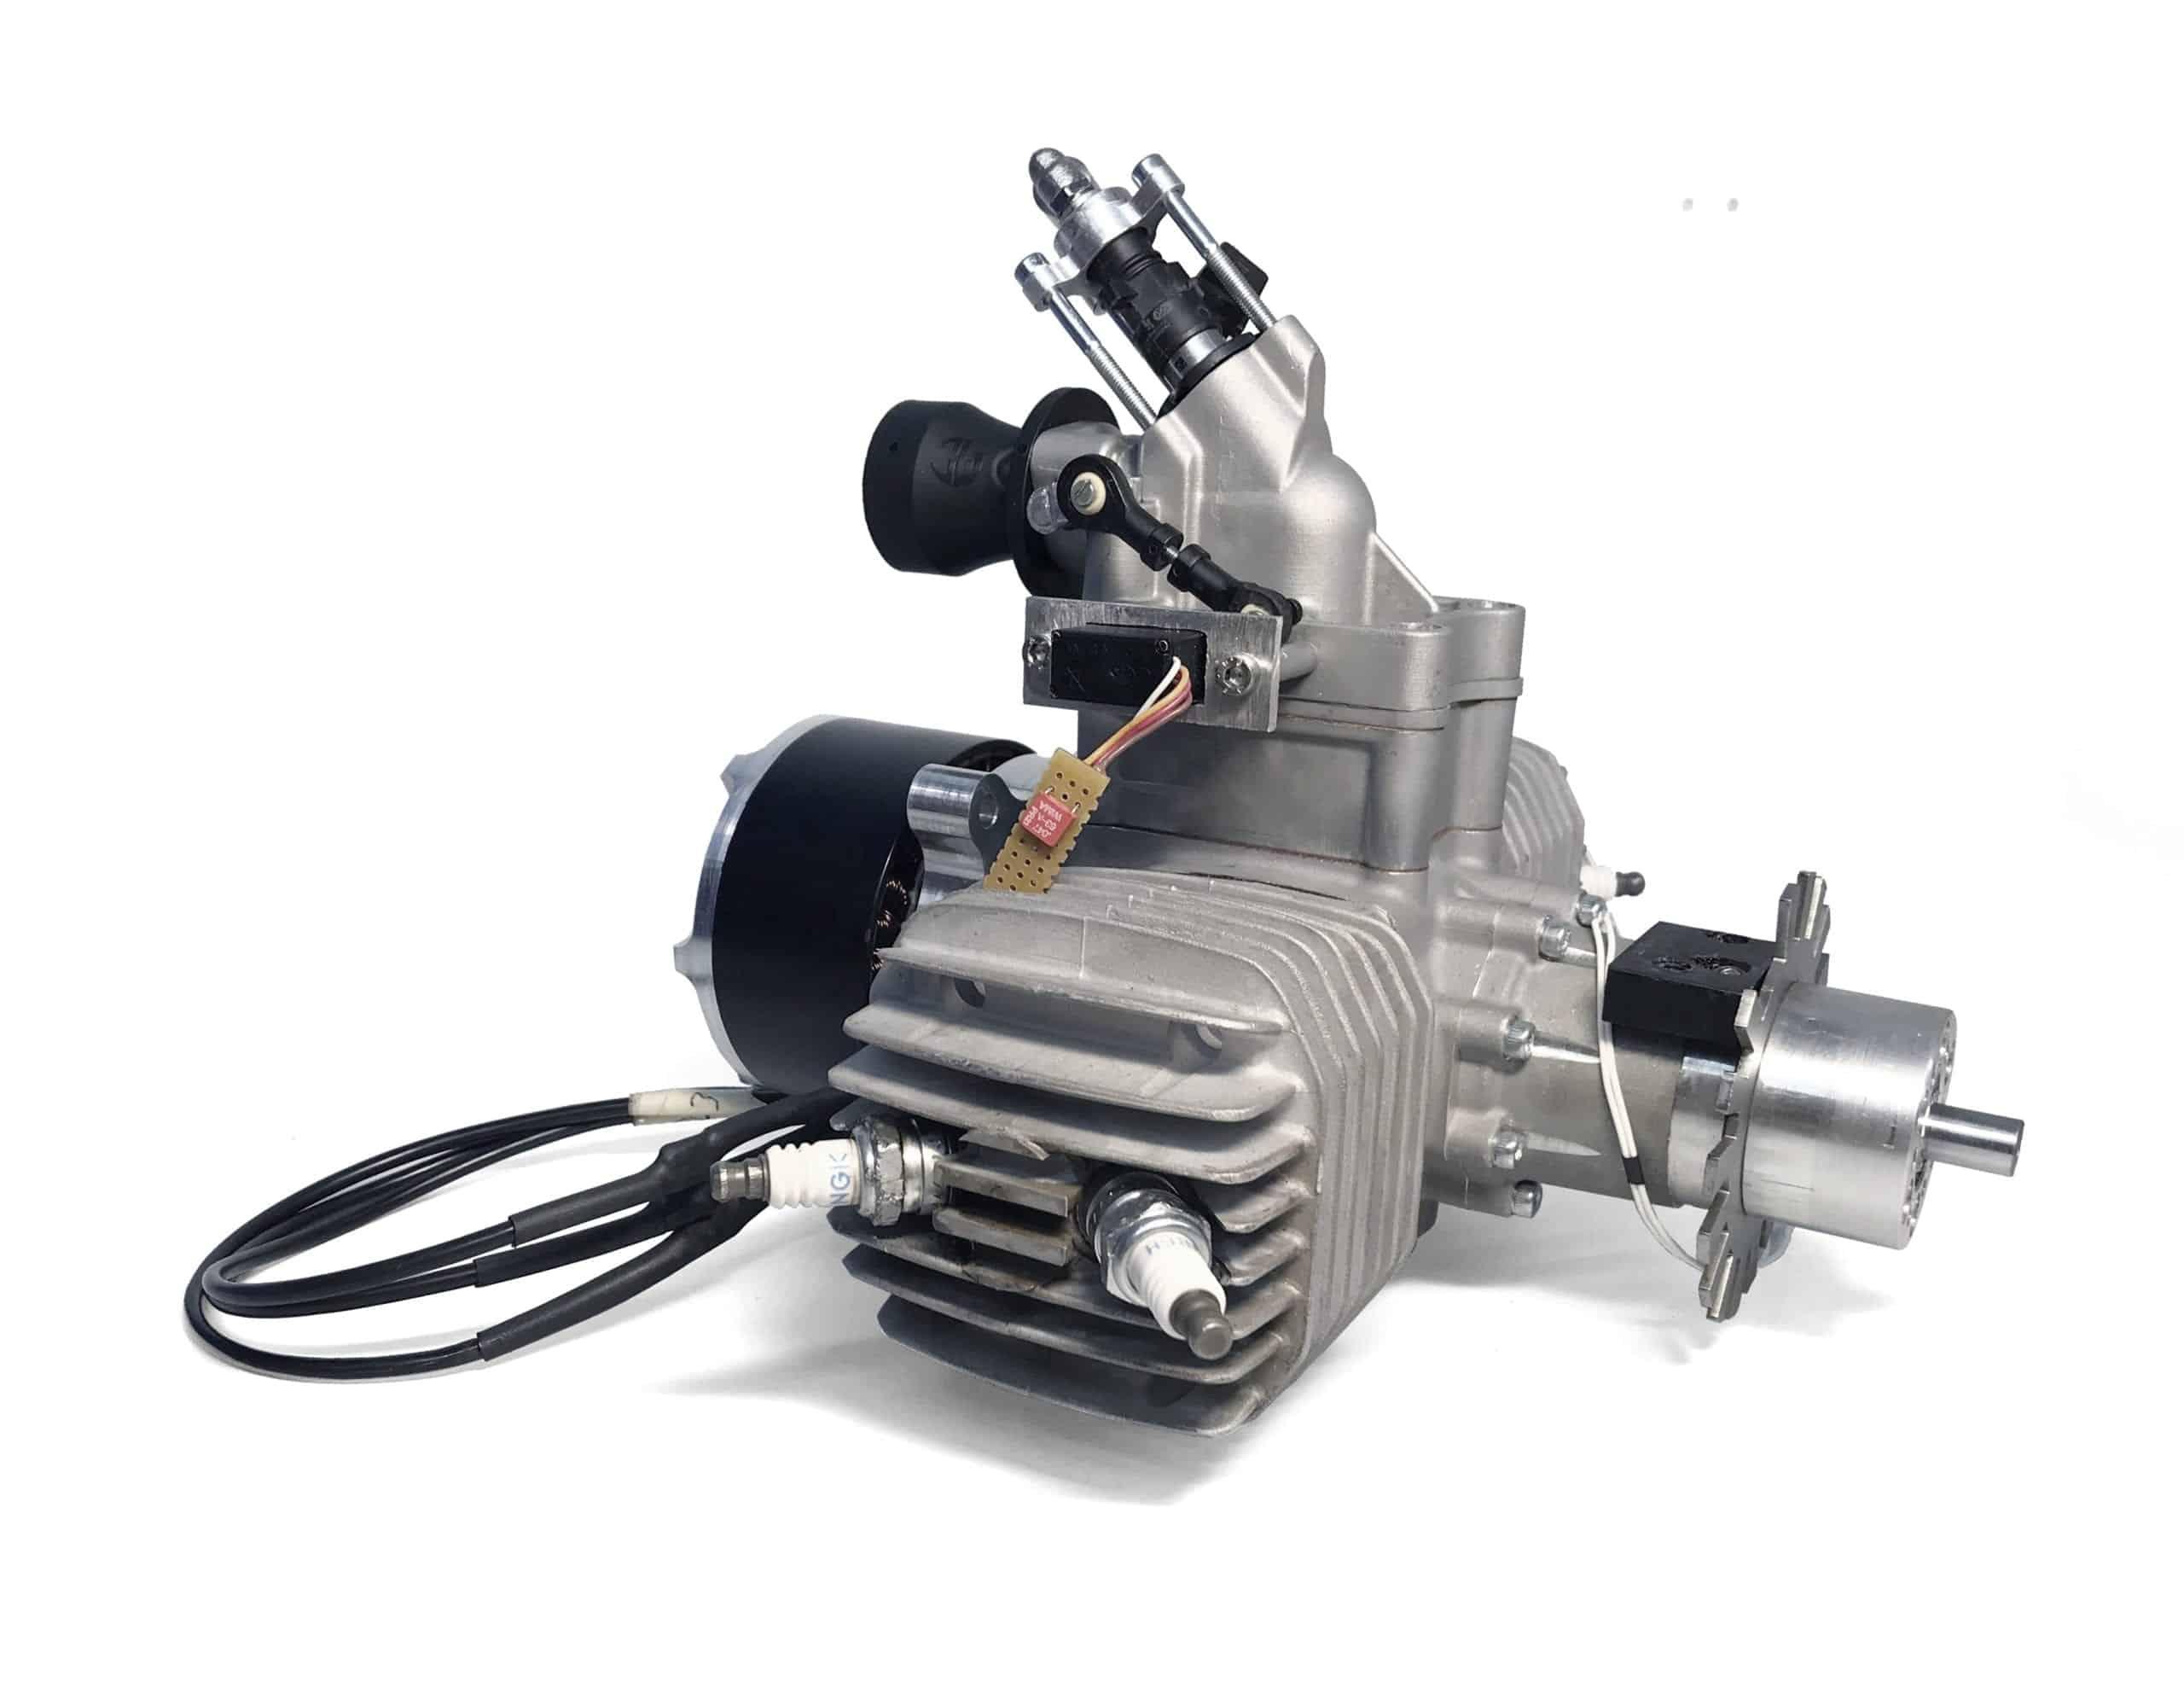 SP-110 FI TS 2-cylinder gas UAV engine